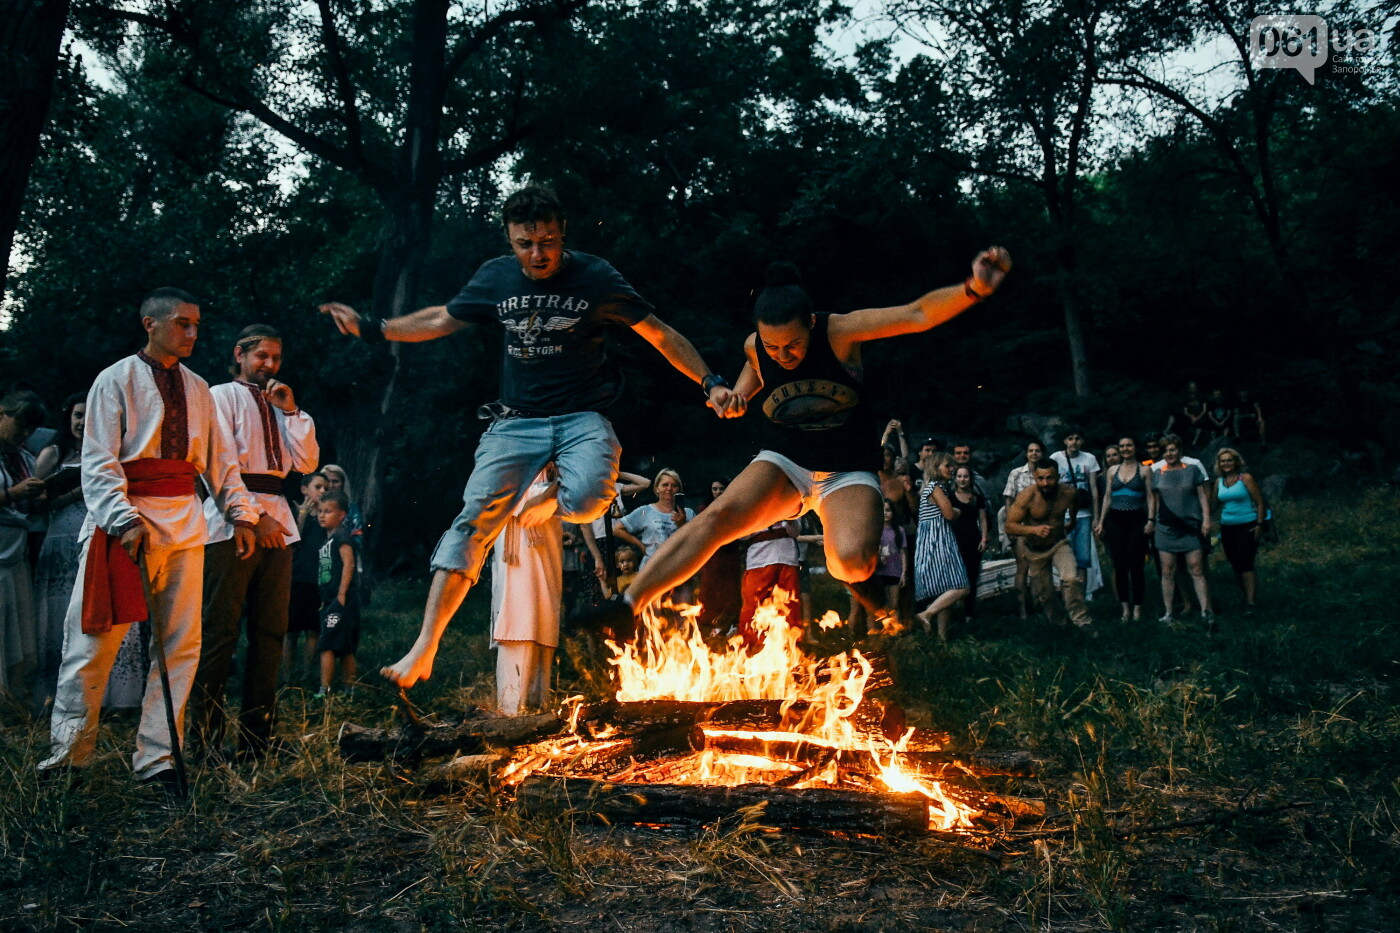 Хороводы в венках и прыжки через костер: как на Хортице отпраздновали Ивана Купала, - ФОТОРЕПОРТАЖ, фото-59